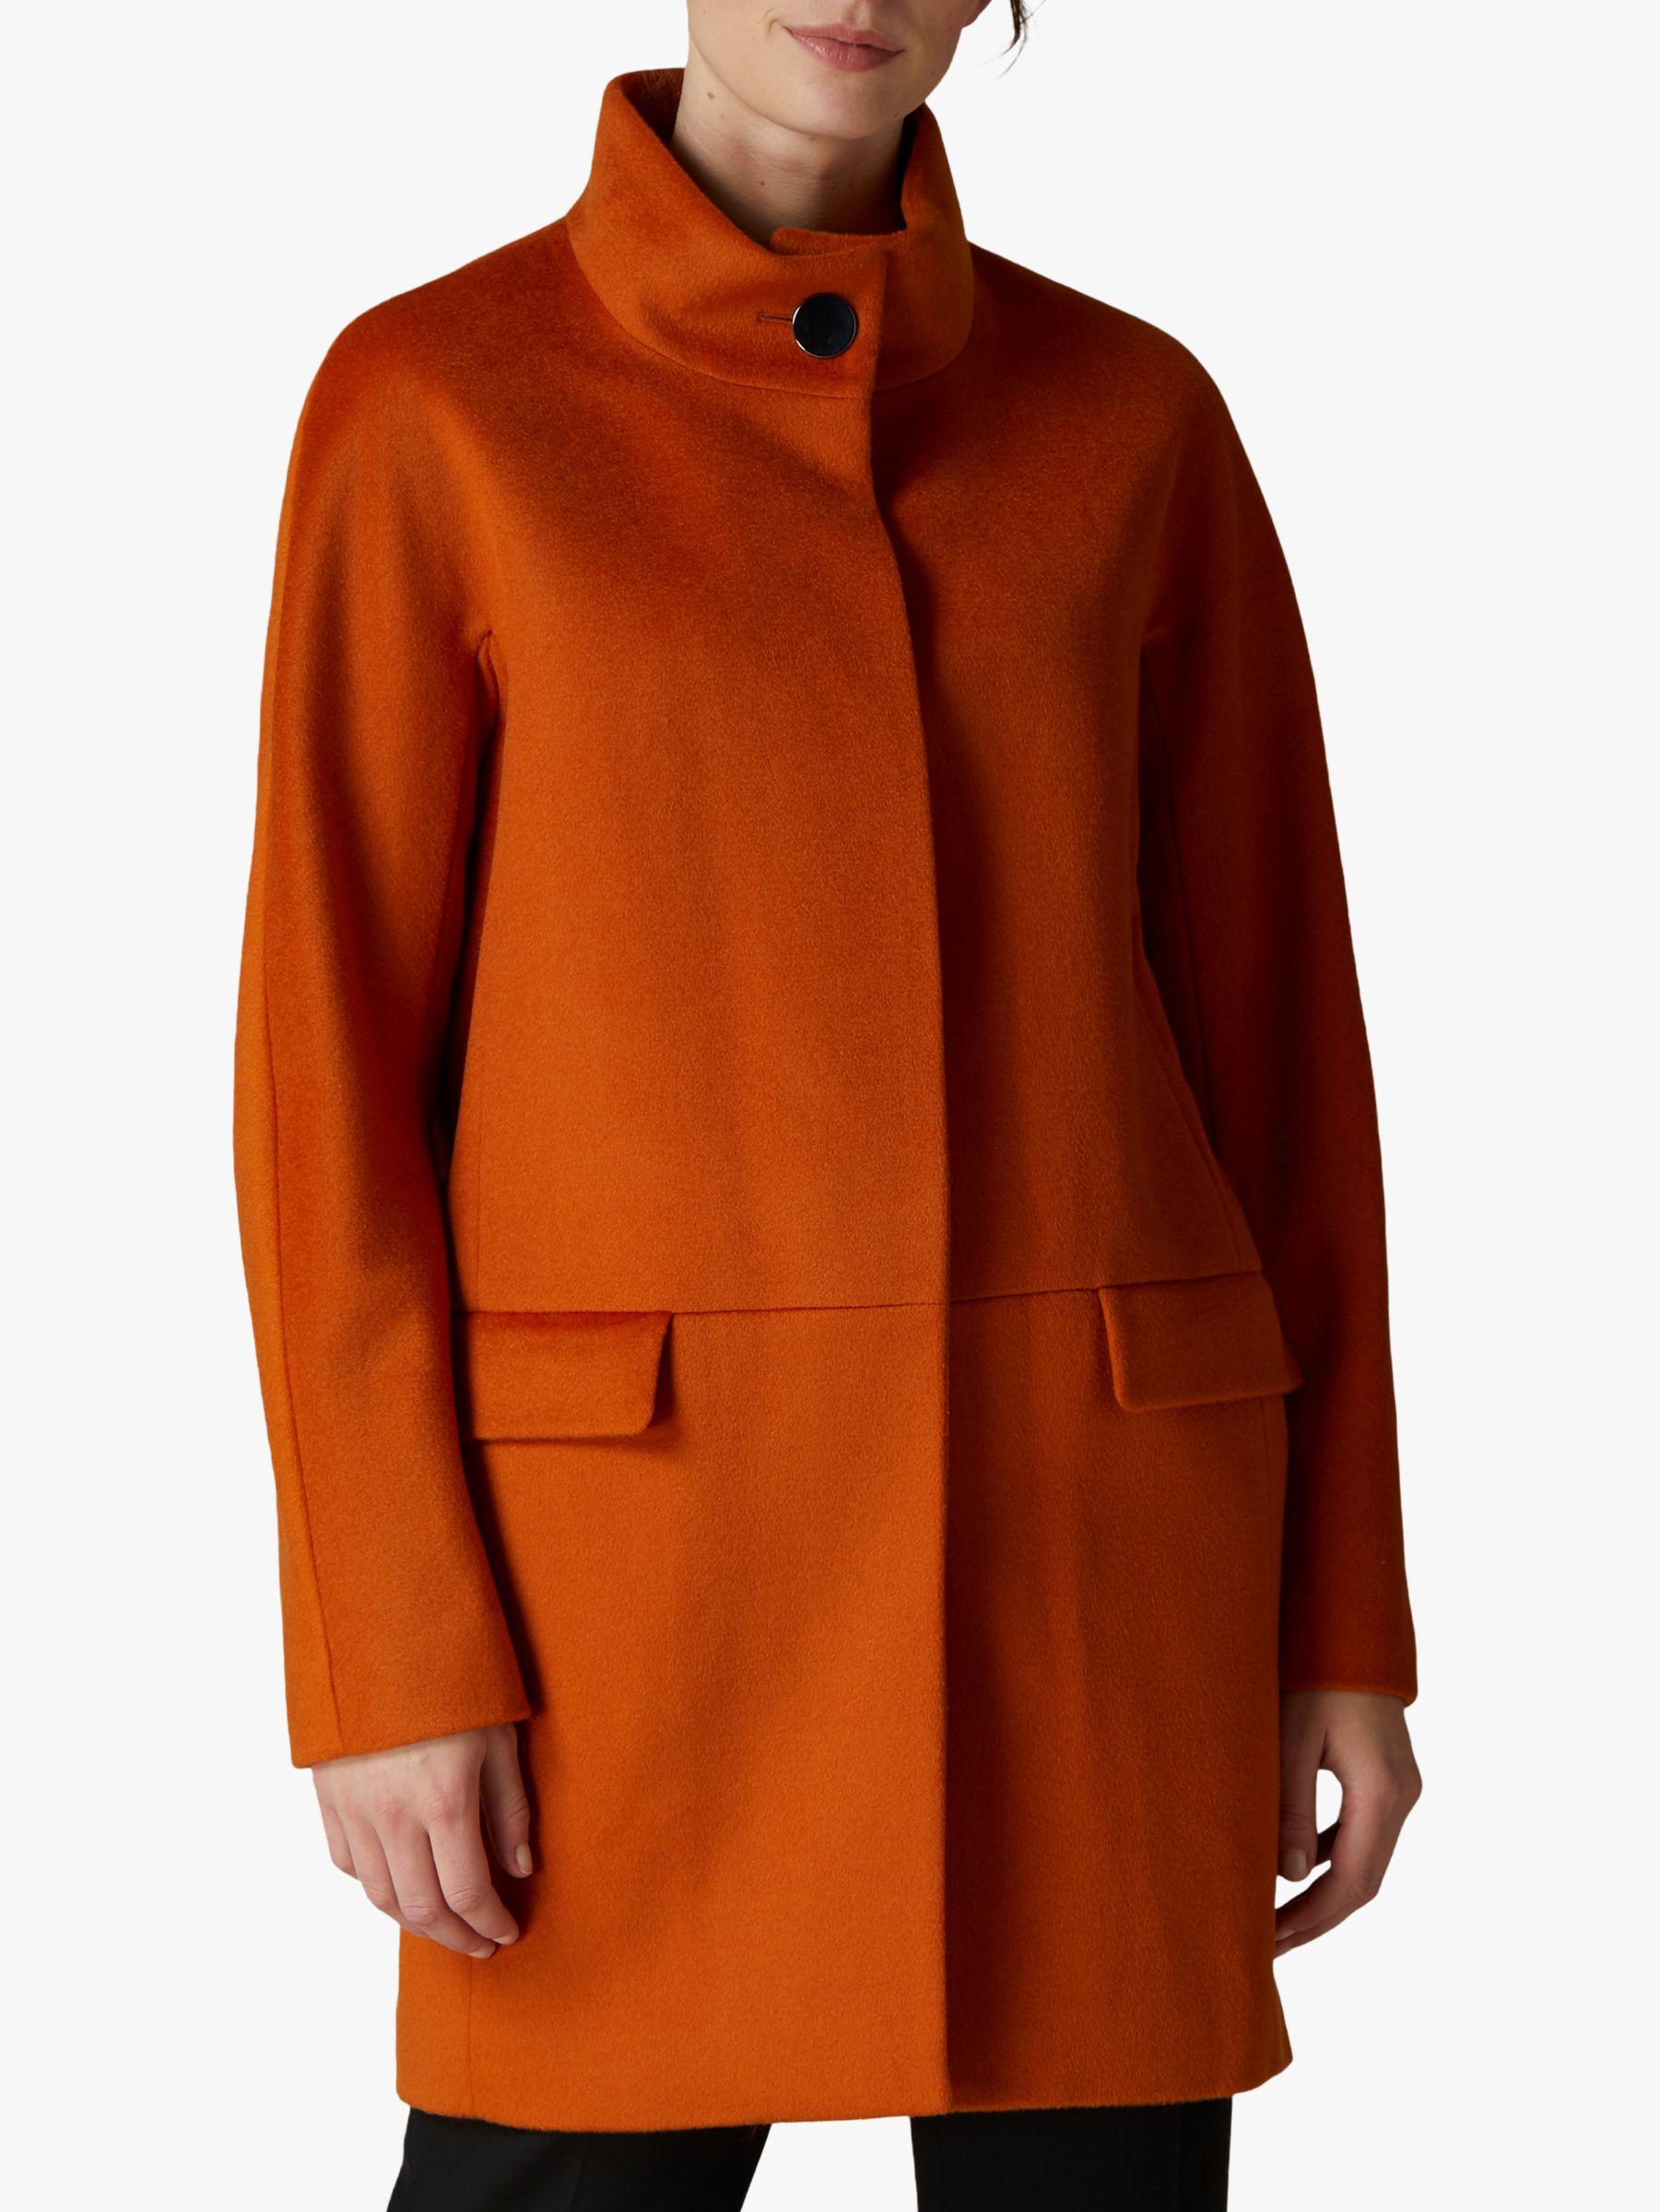 Jaeger Jaeger Collar Cocoon Wool Coat, Orange